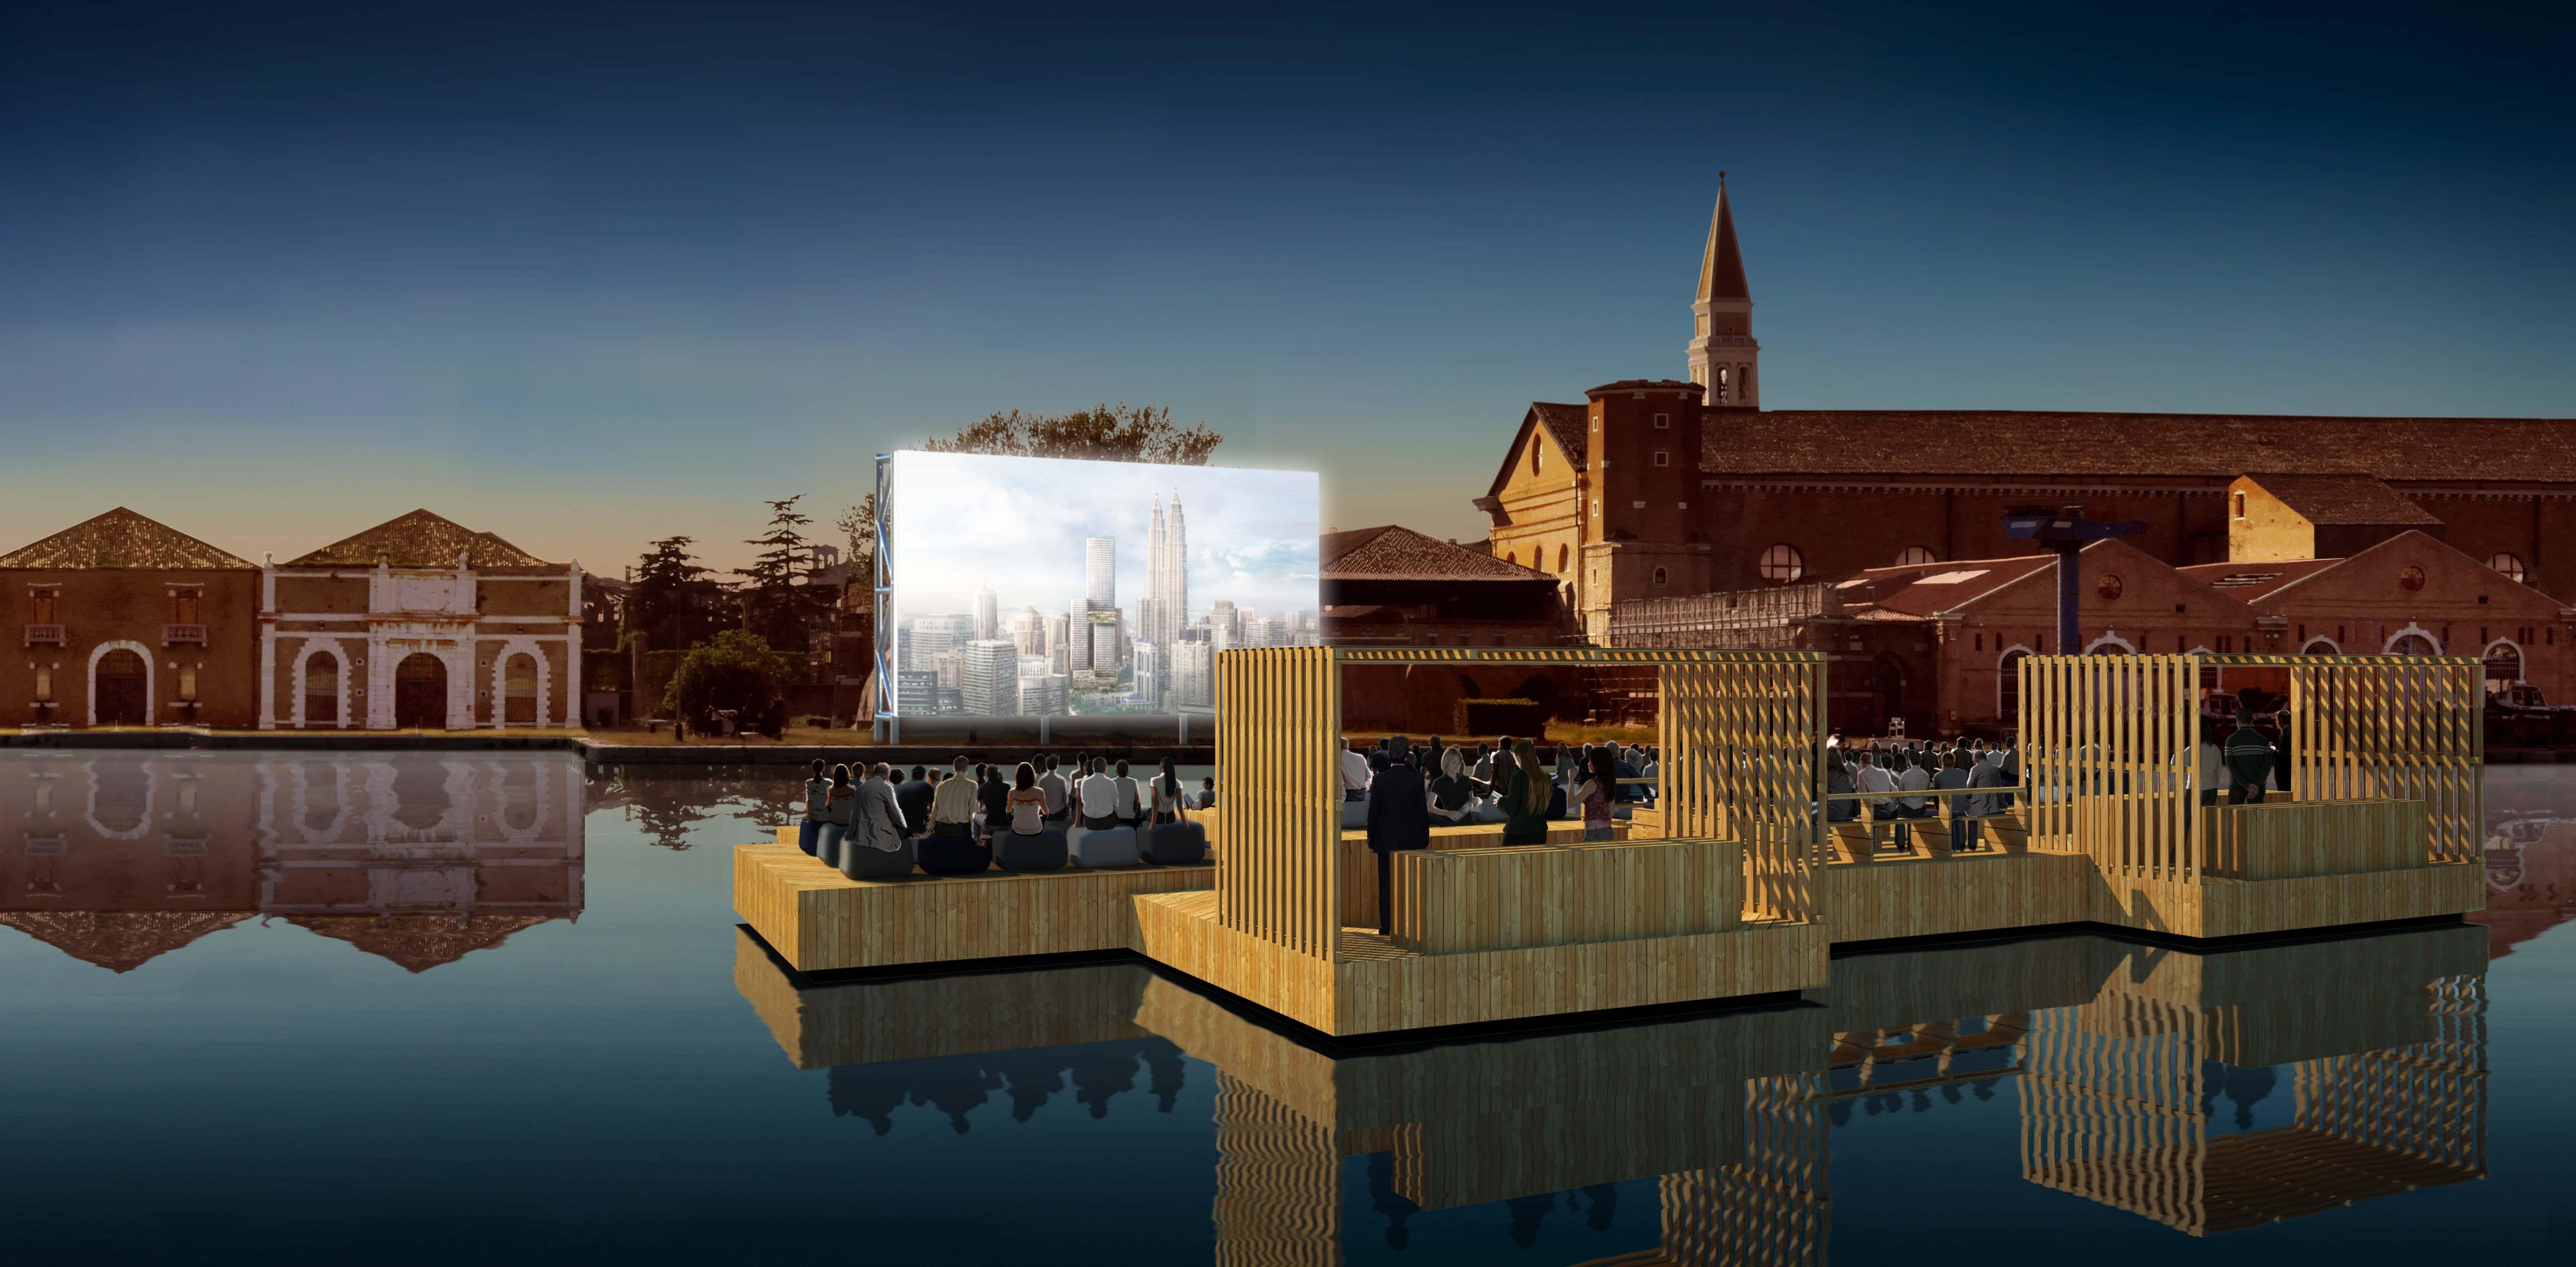 Bienal de Veneza 2012: Cinema Arquipélago  / Ole Scheeren, Cortesia de Ole Scheeren